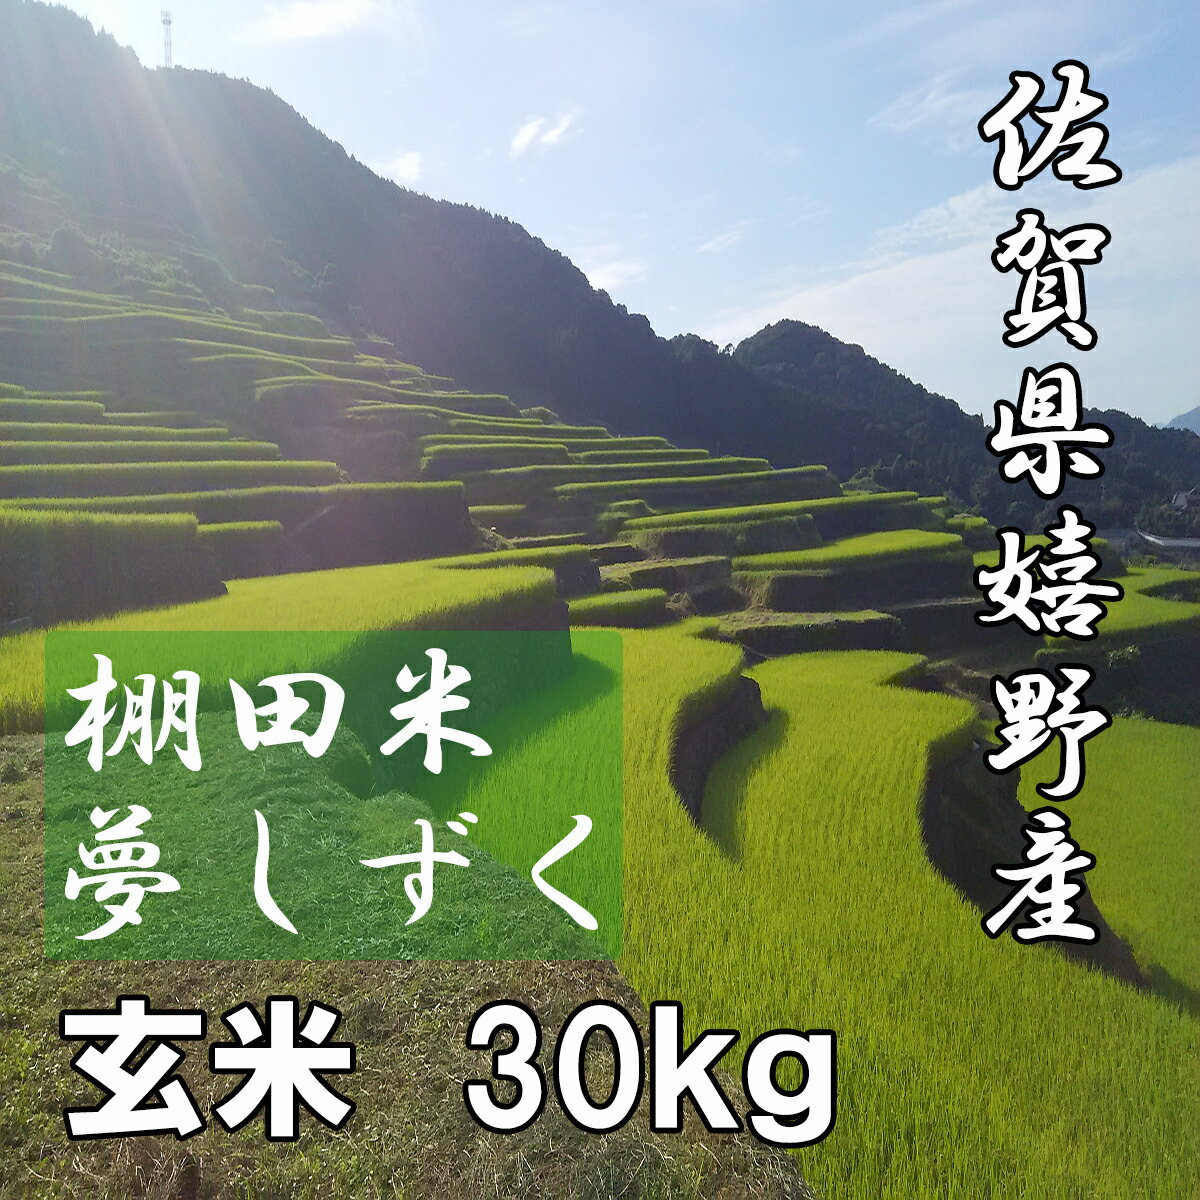 【30年産 新米予約 特A】【送料無料】佐賀県産 棚田米 夢しずく 玄米30kg